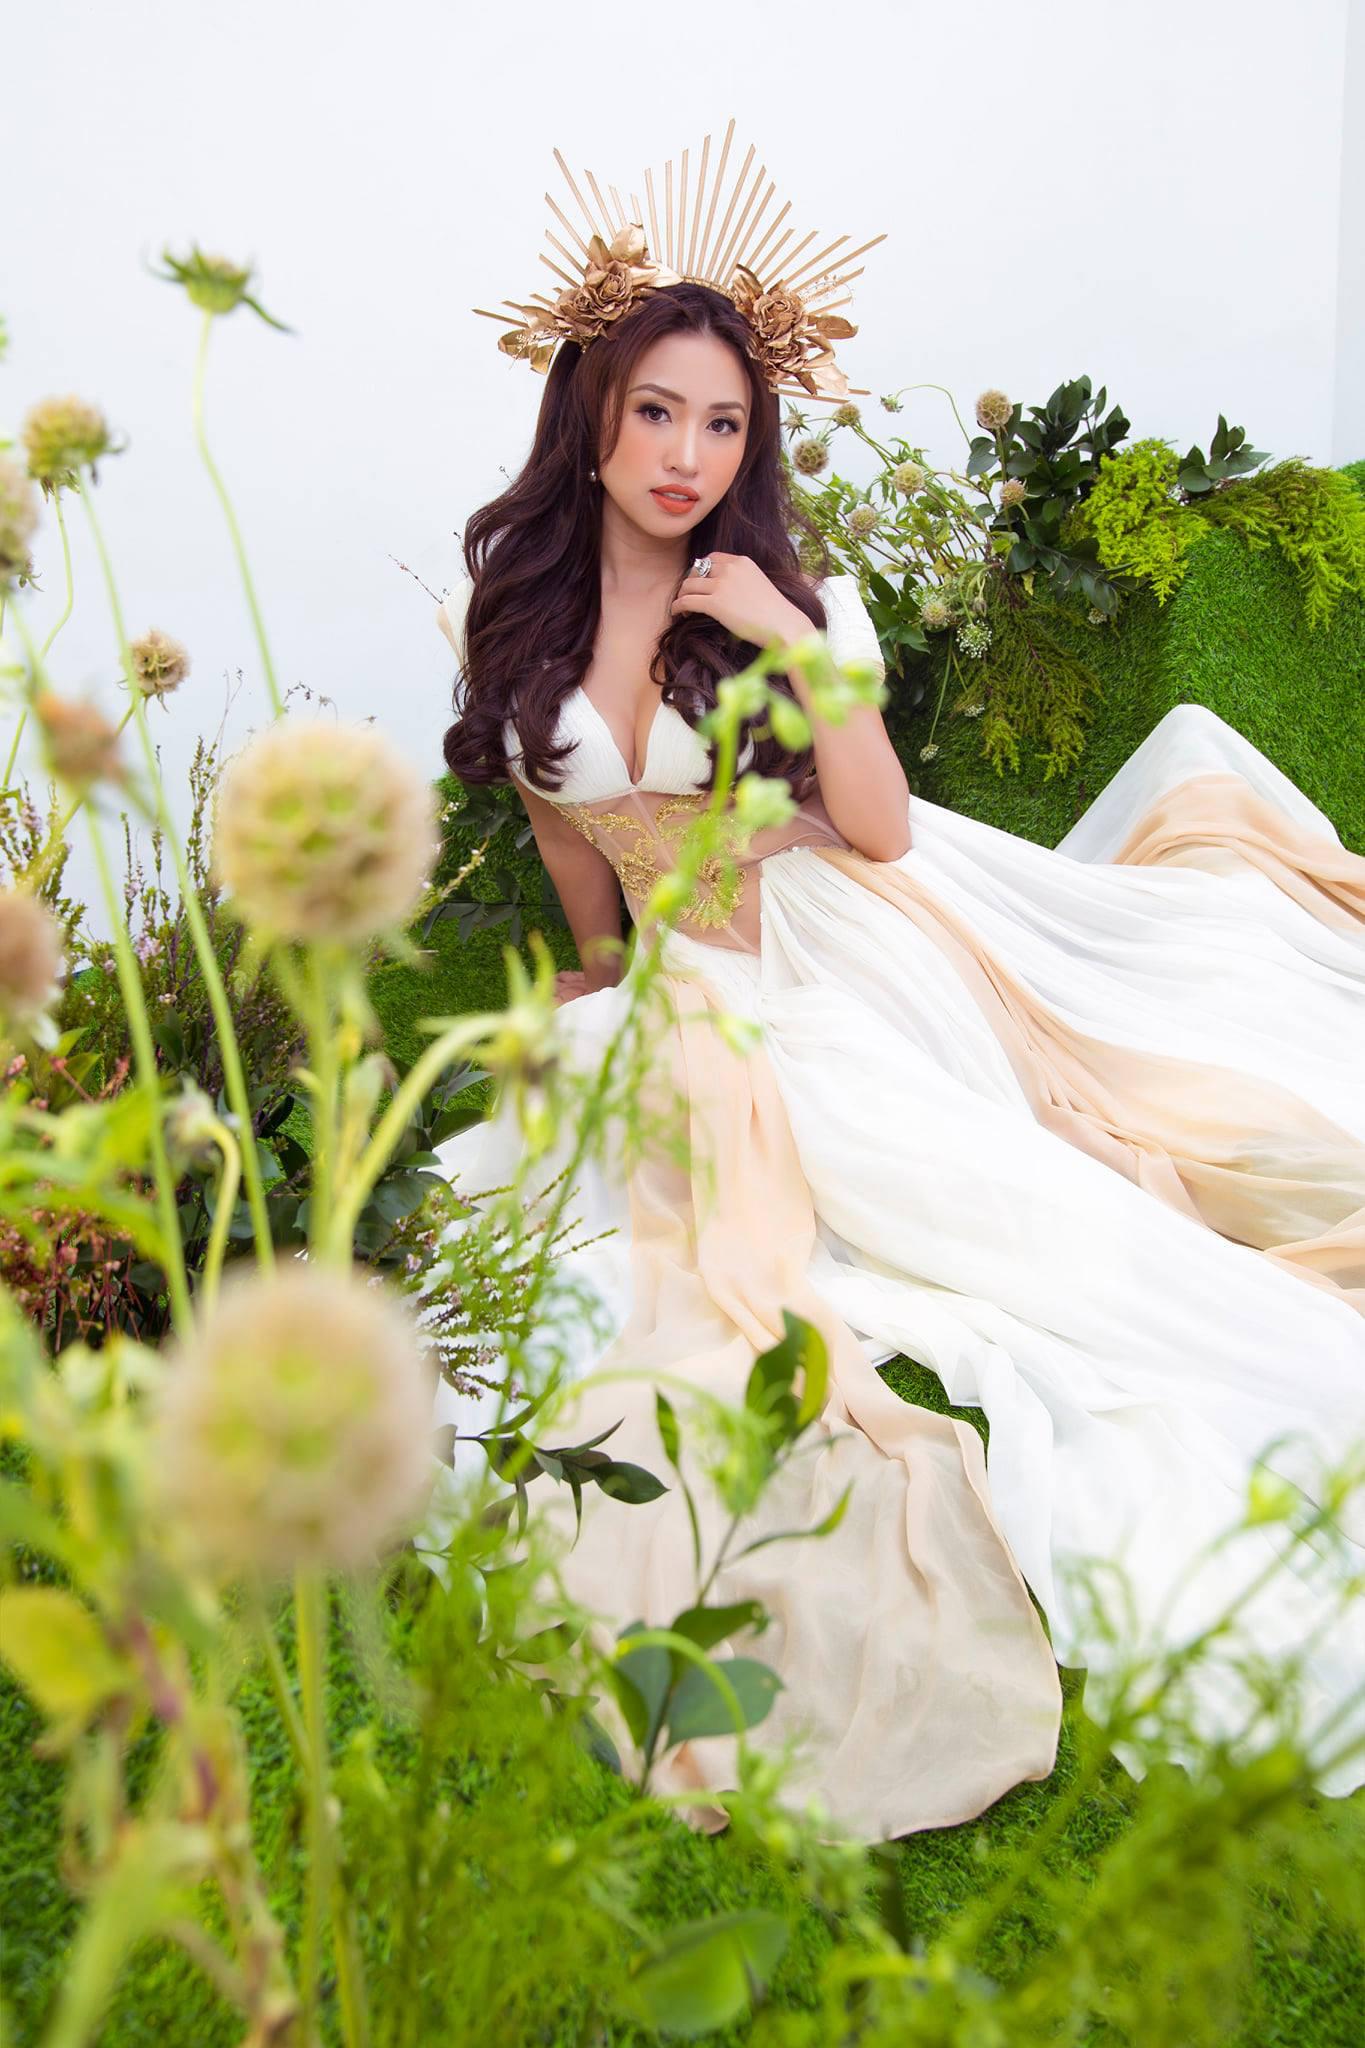 MC Thanh Vân Hugo hóa nữ thần quyến rũ bên bạn trai - Ảnh 6.